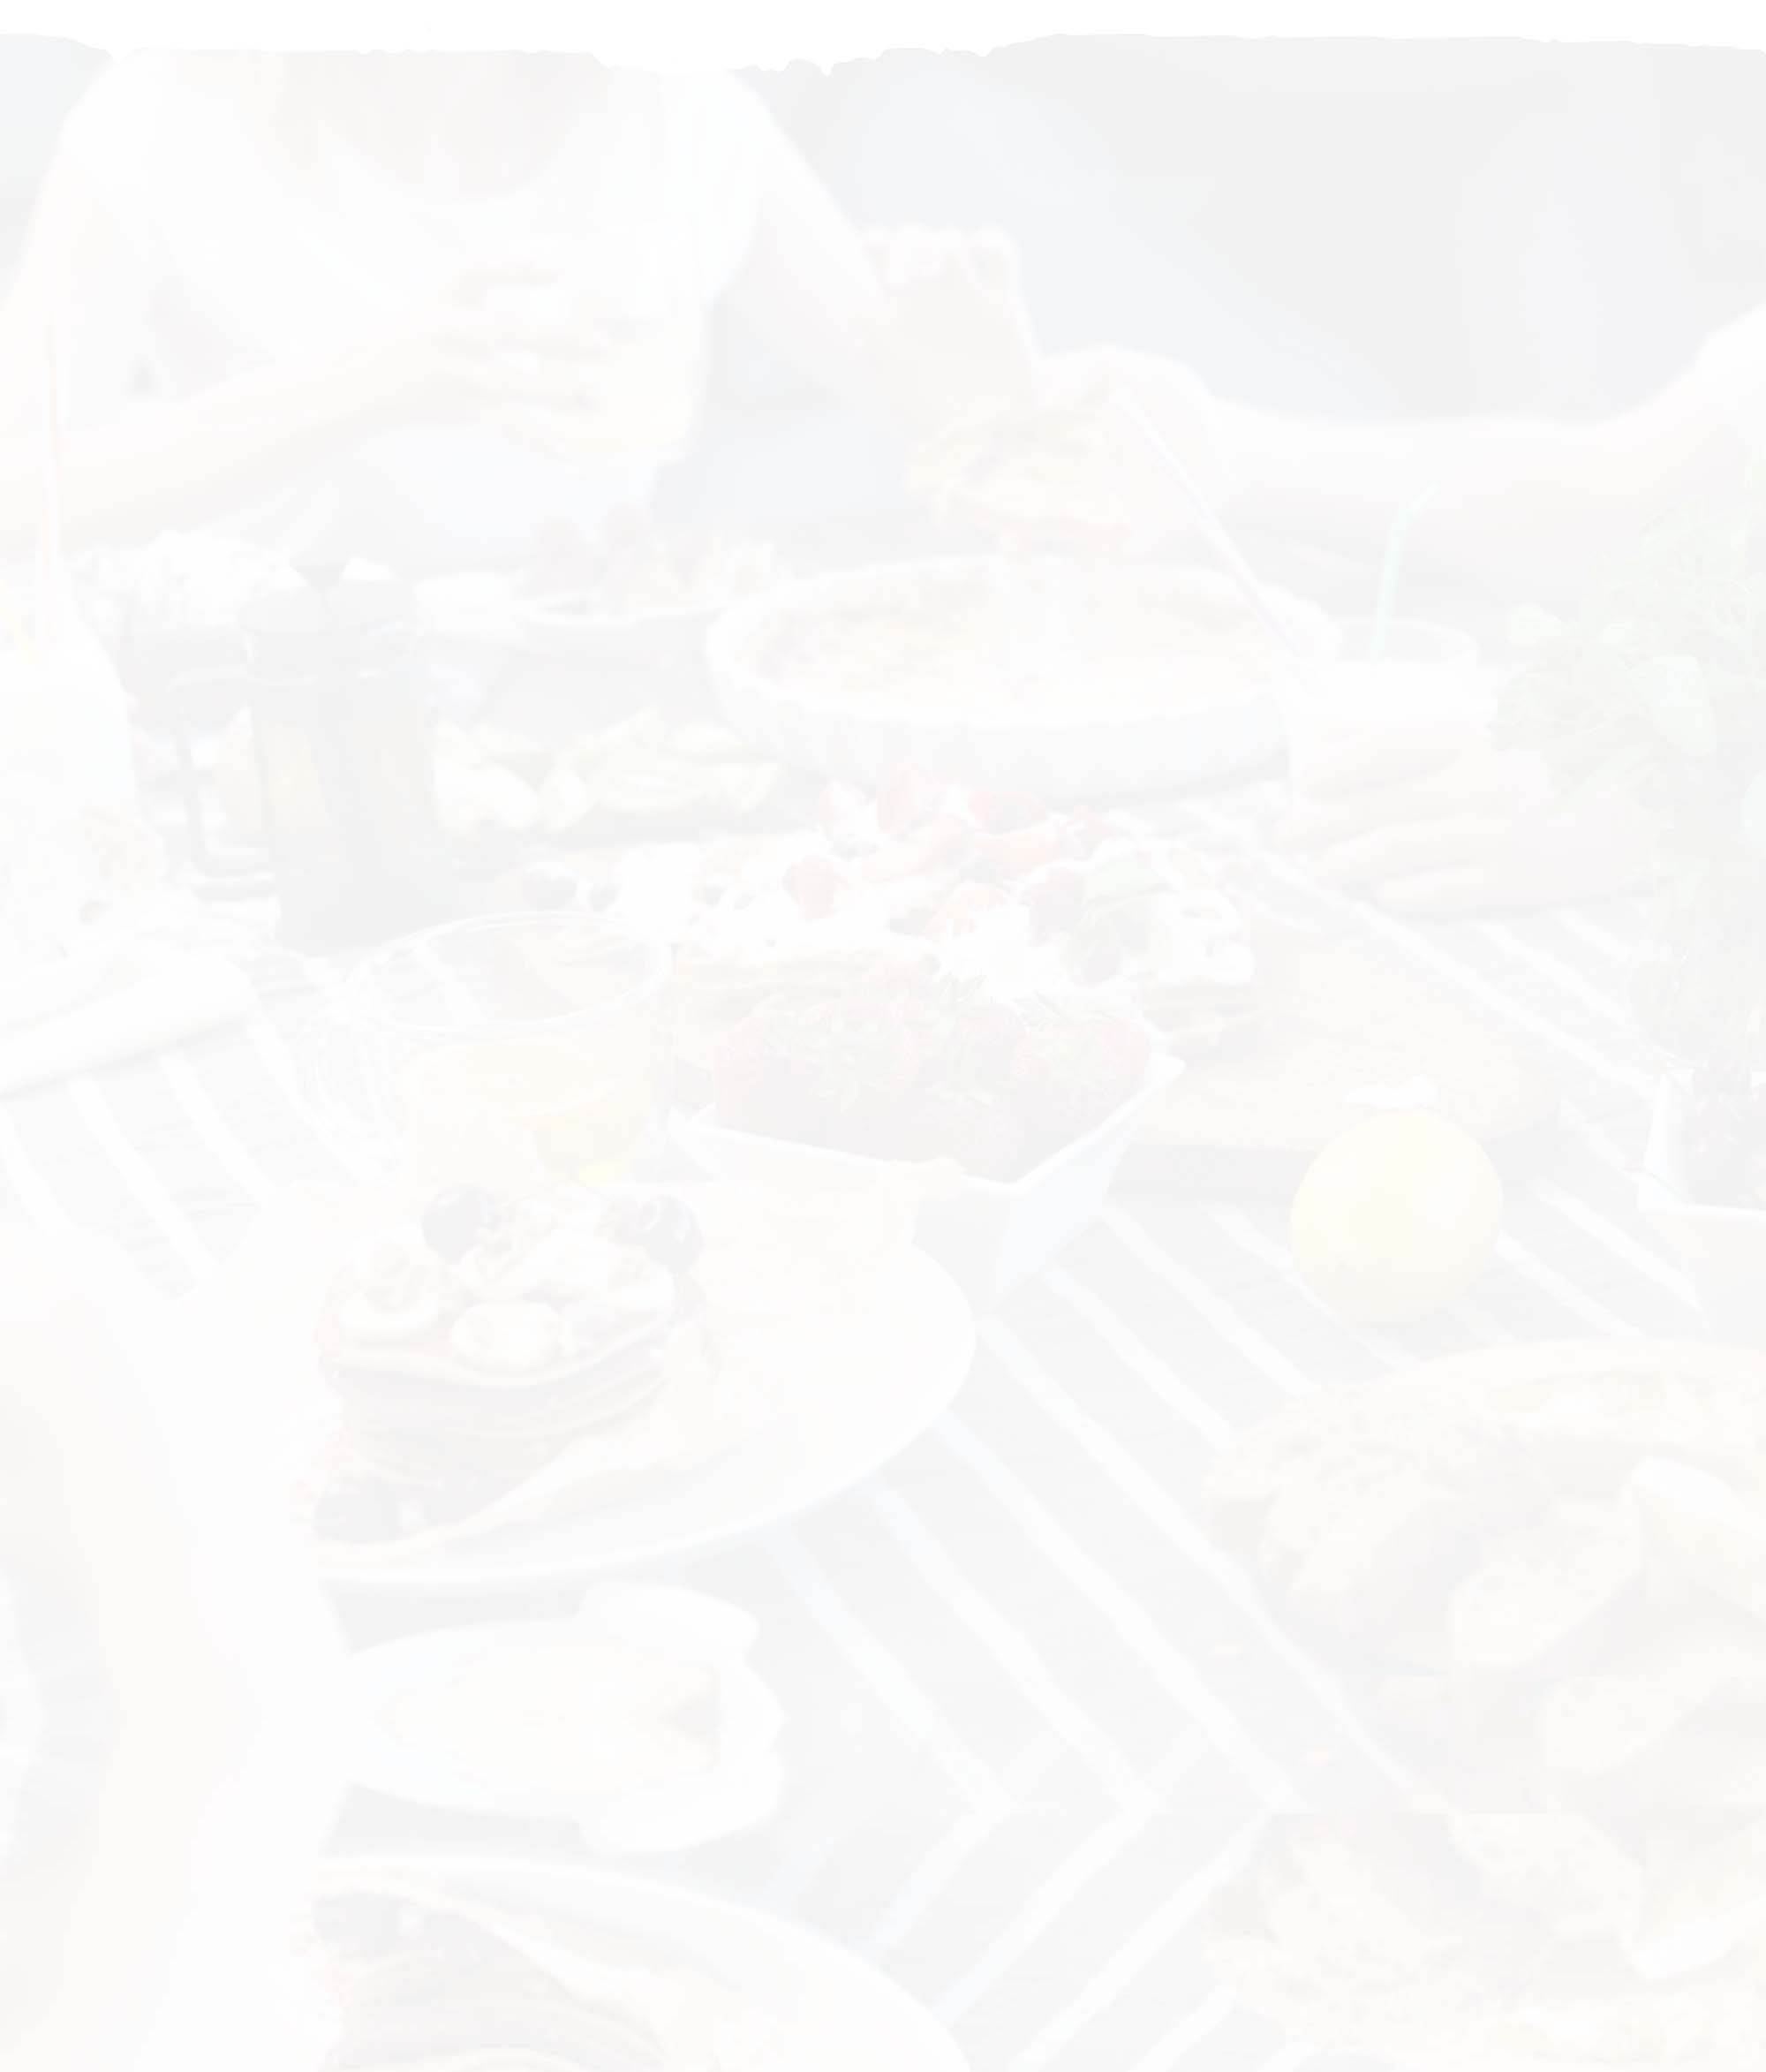 パーティー/イベント 背景イラスト